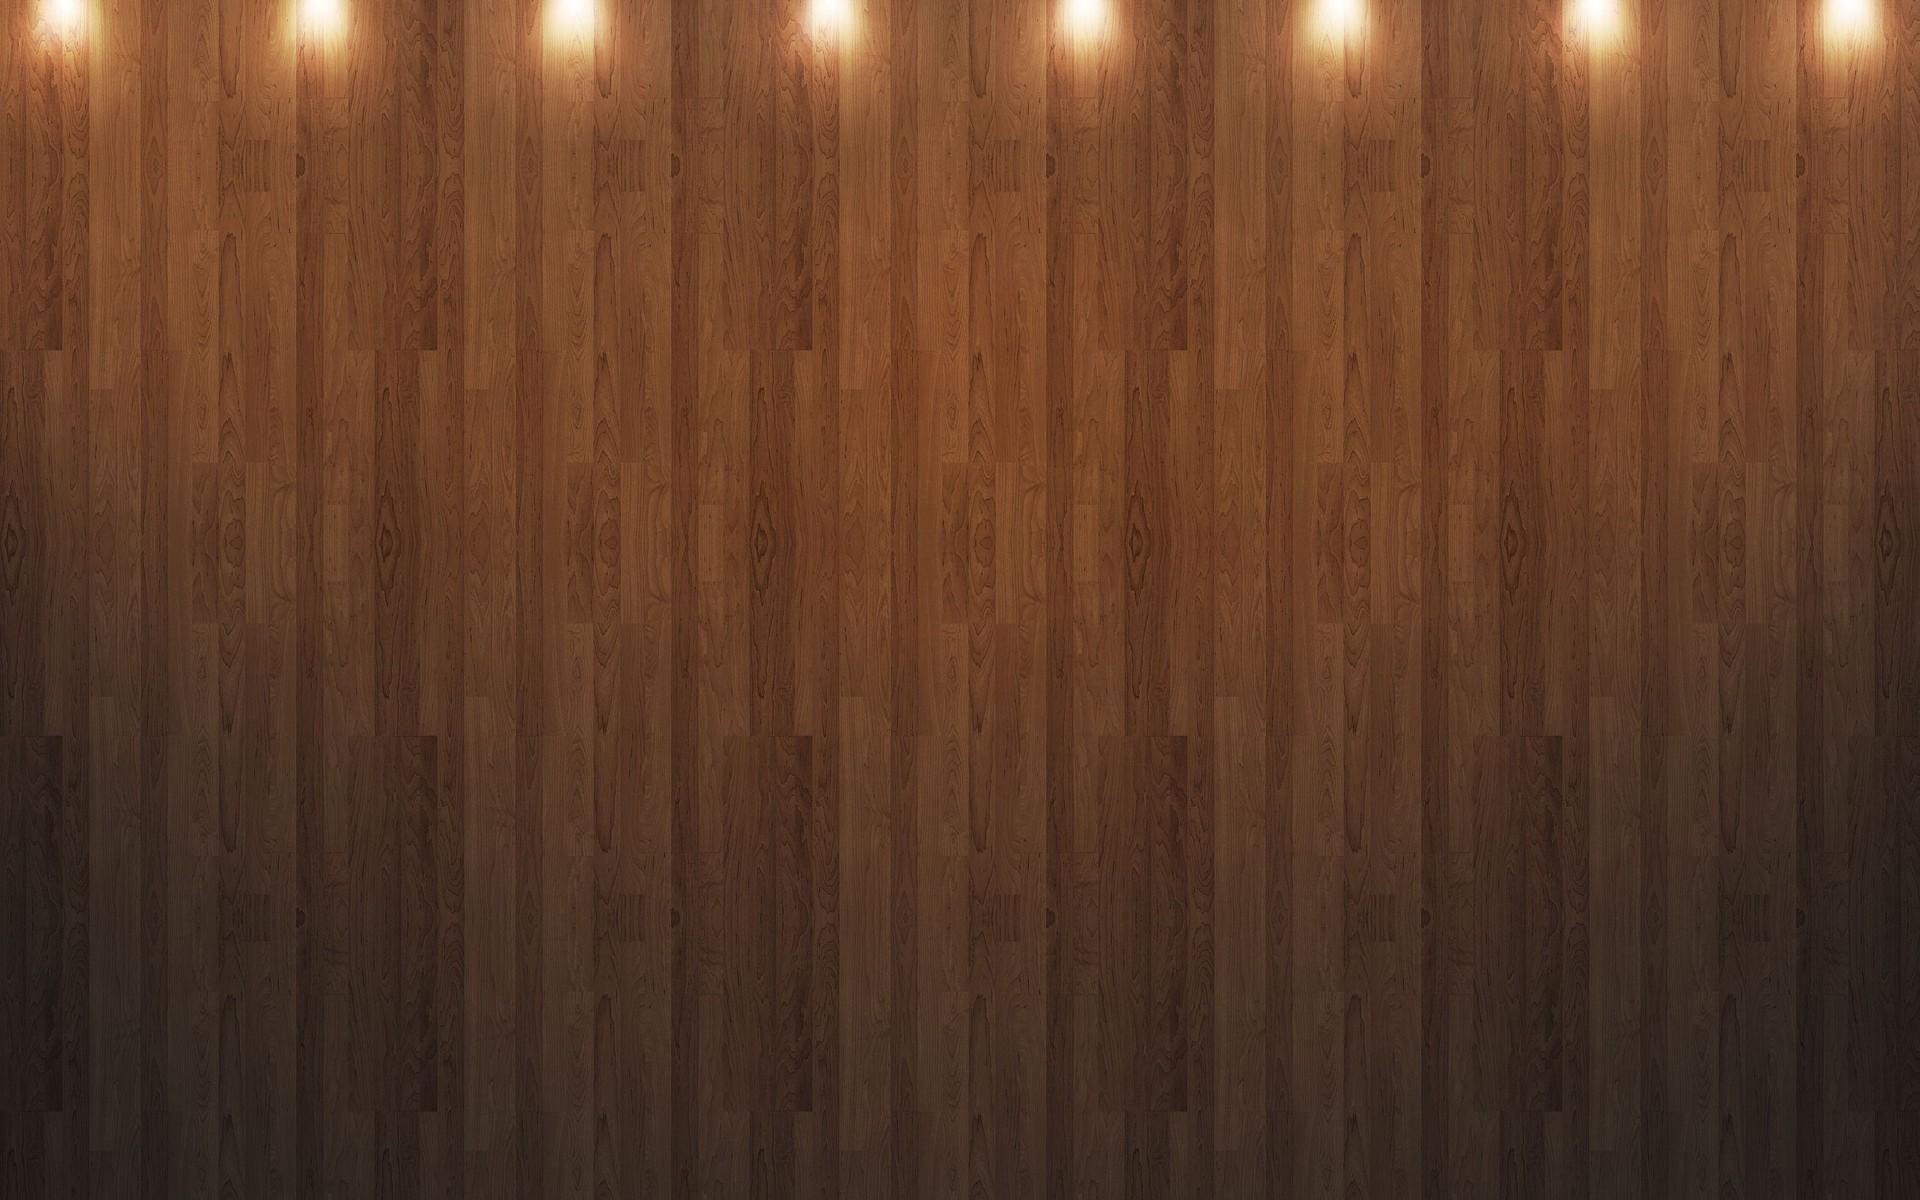 Wood floor with lights Wallpaper 5312 1920x1200